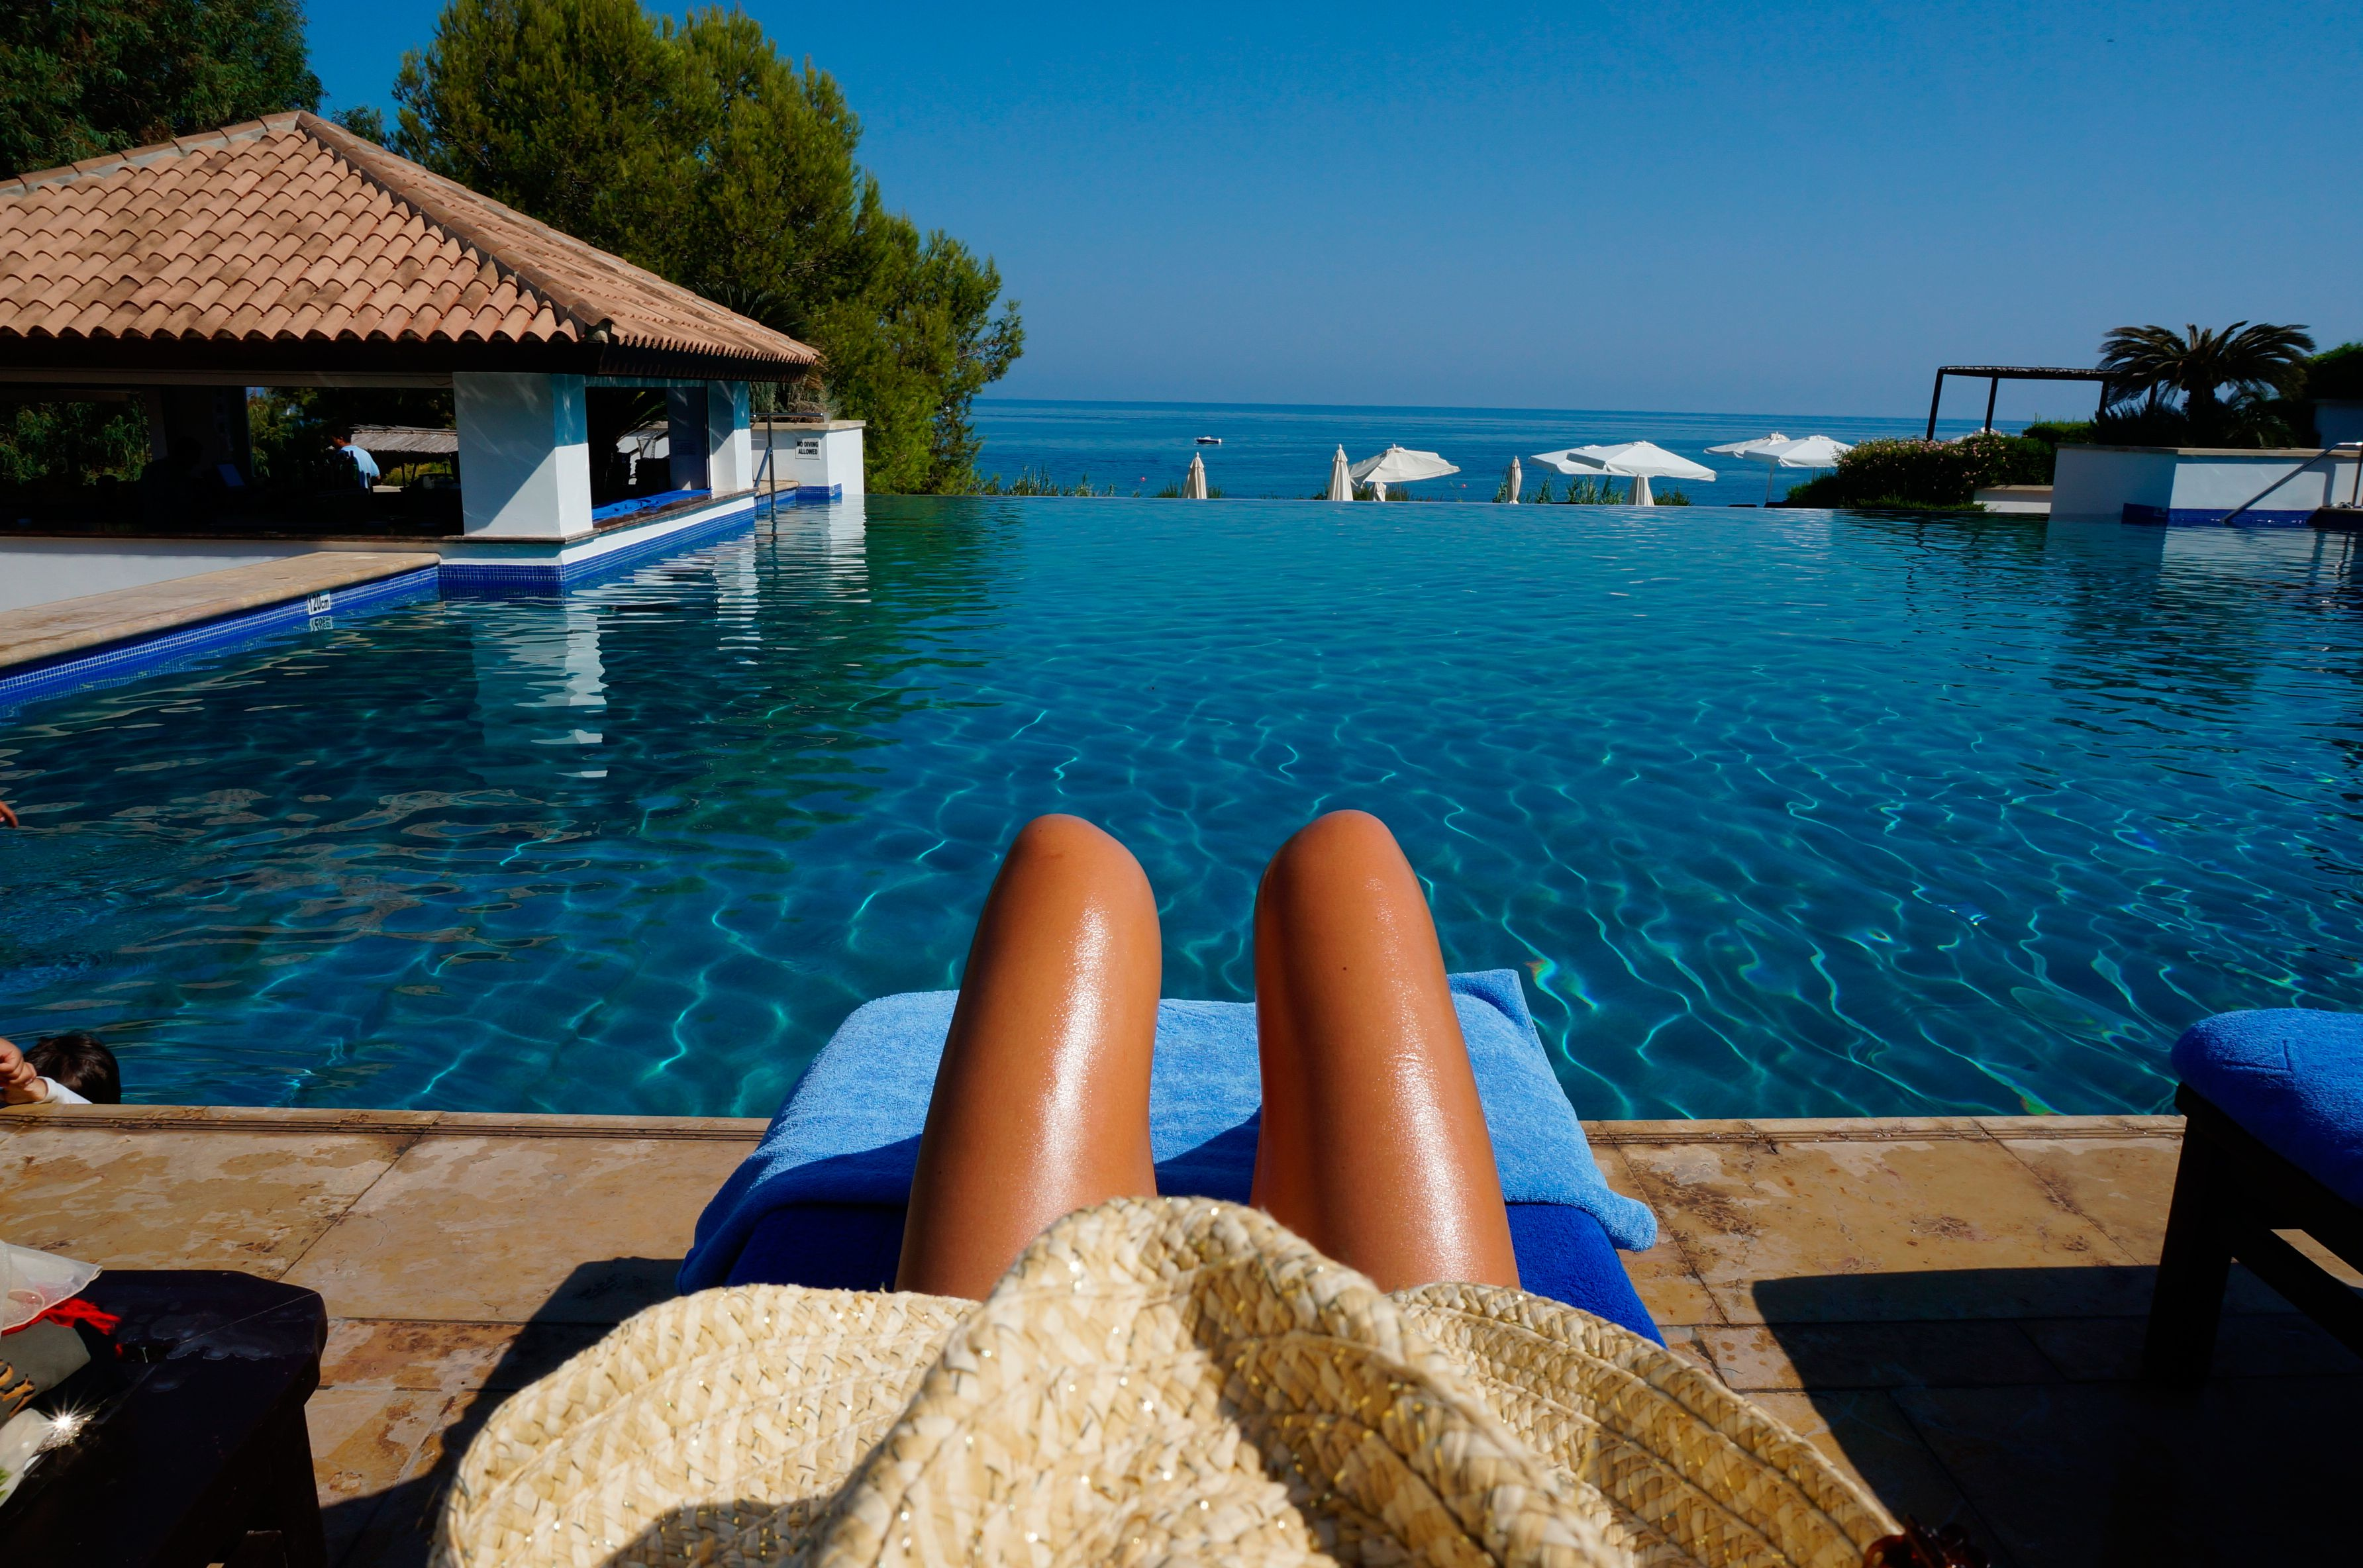 Cómo planificar unas buenas vacaciones pero ajustando el presupuesto